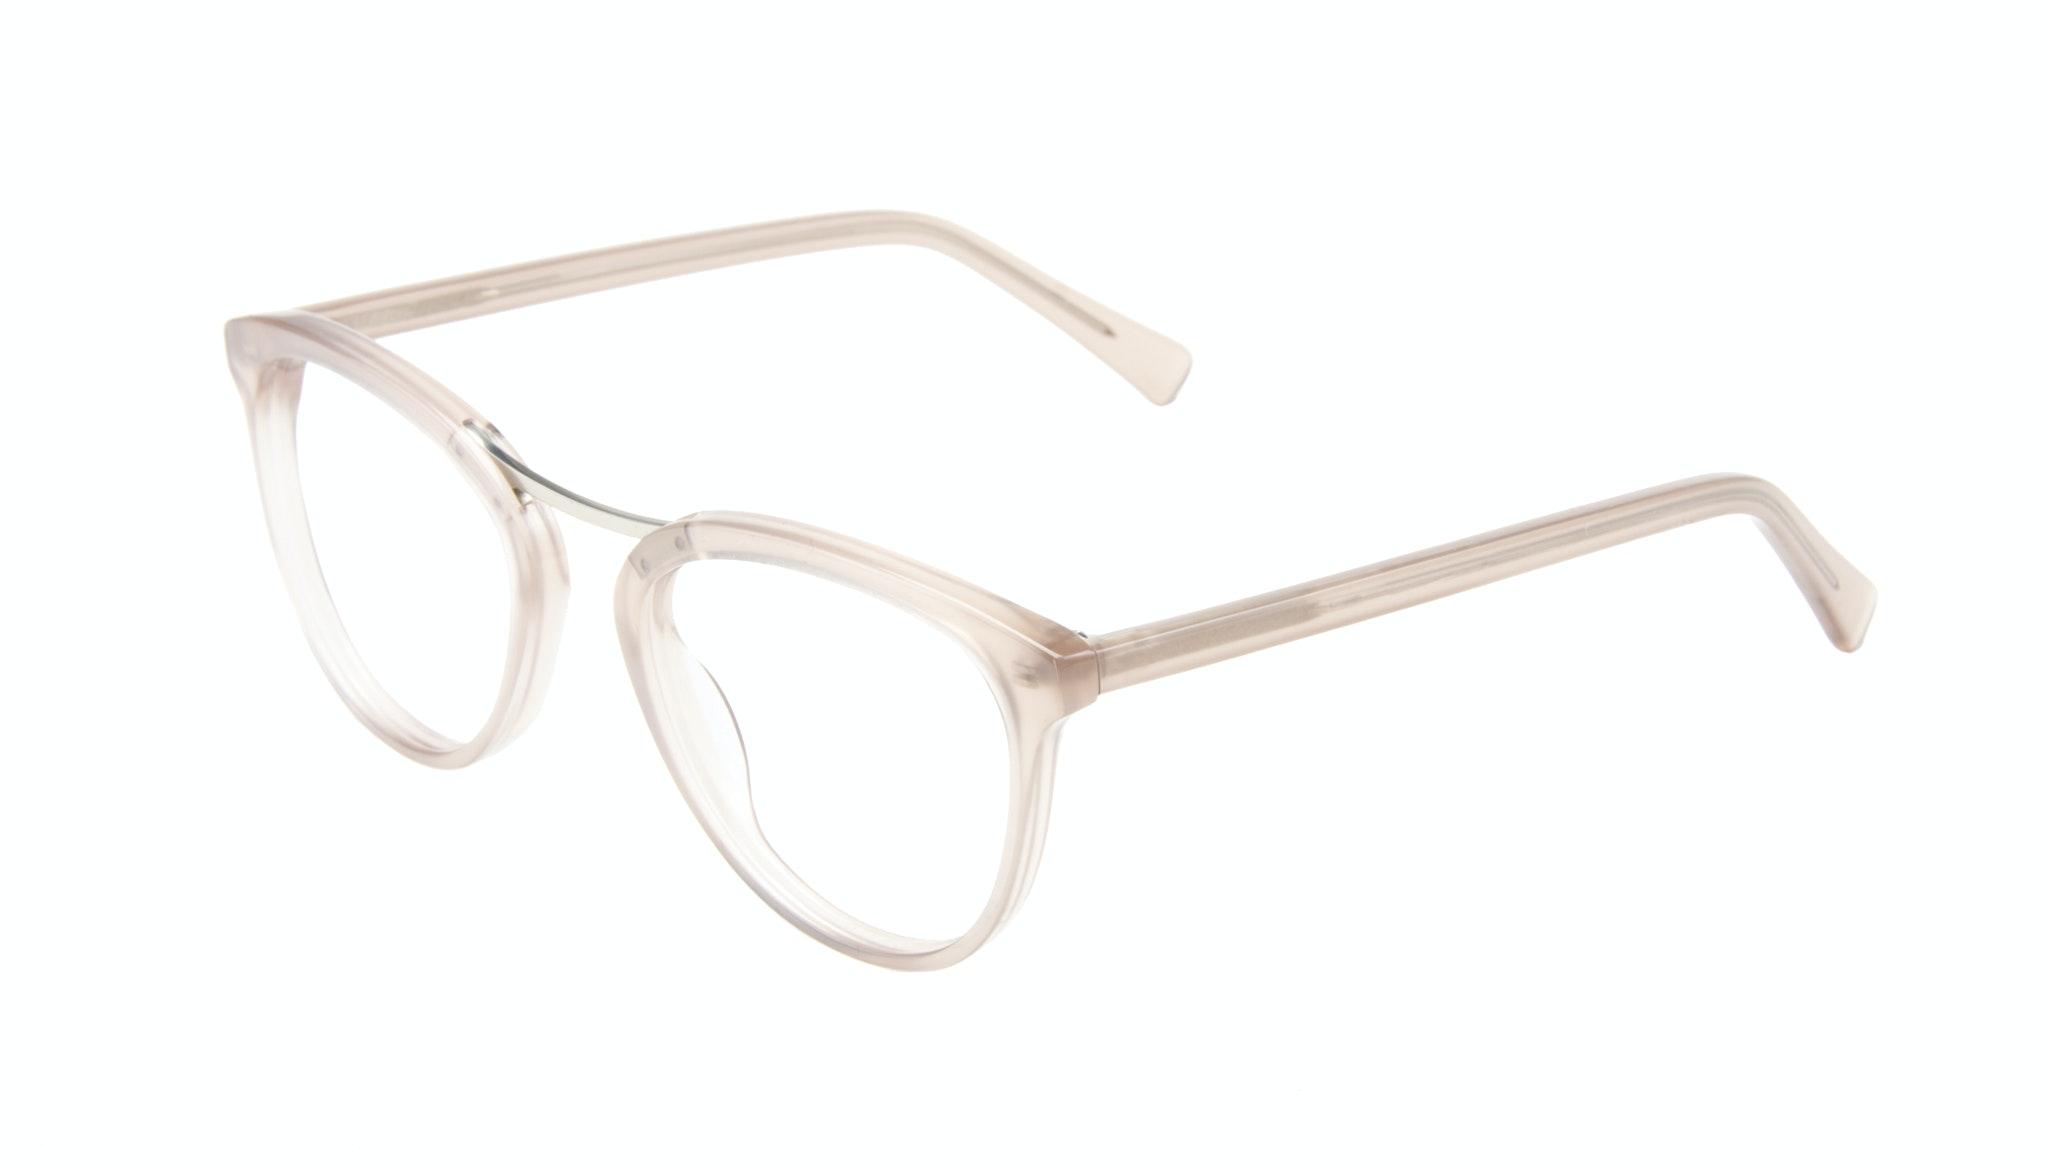 Affordable Fashion Glasses Cat Eye Round Eyeglasses Women Reef Shell Tilt